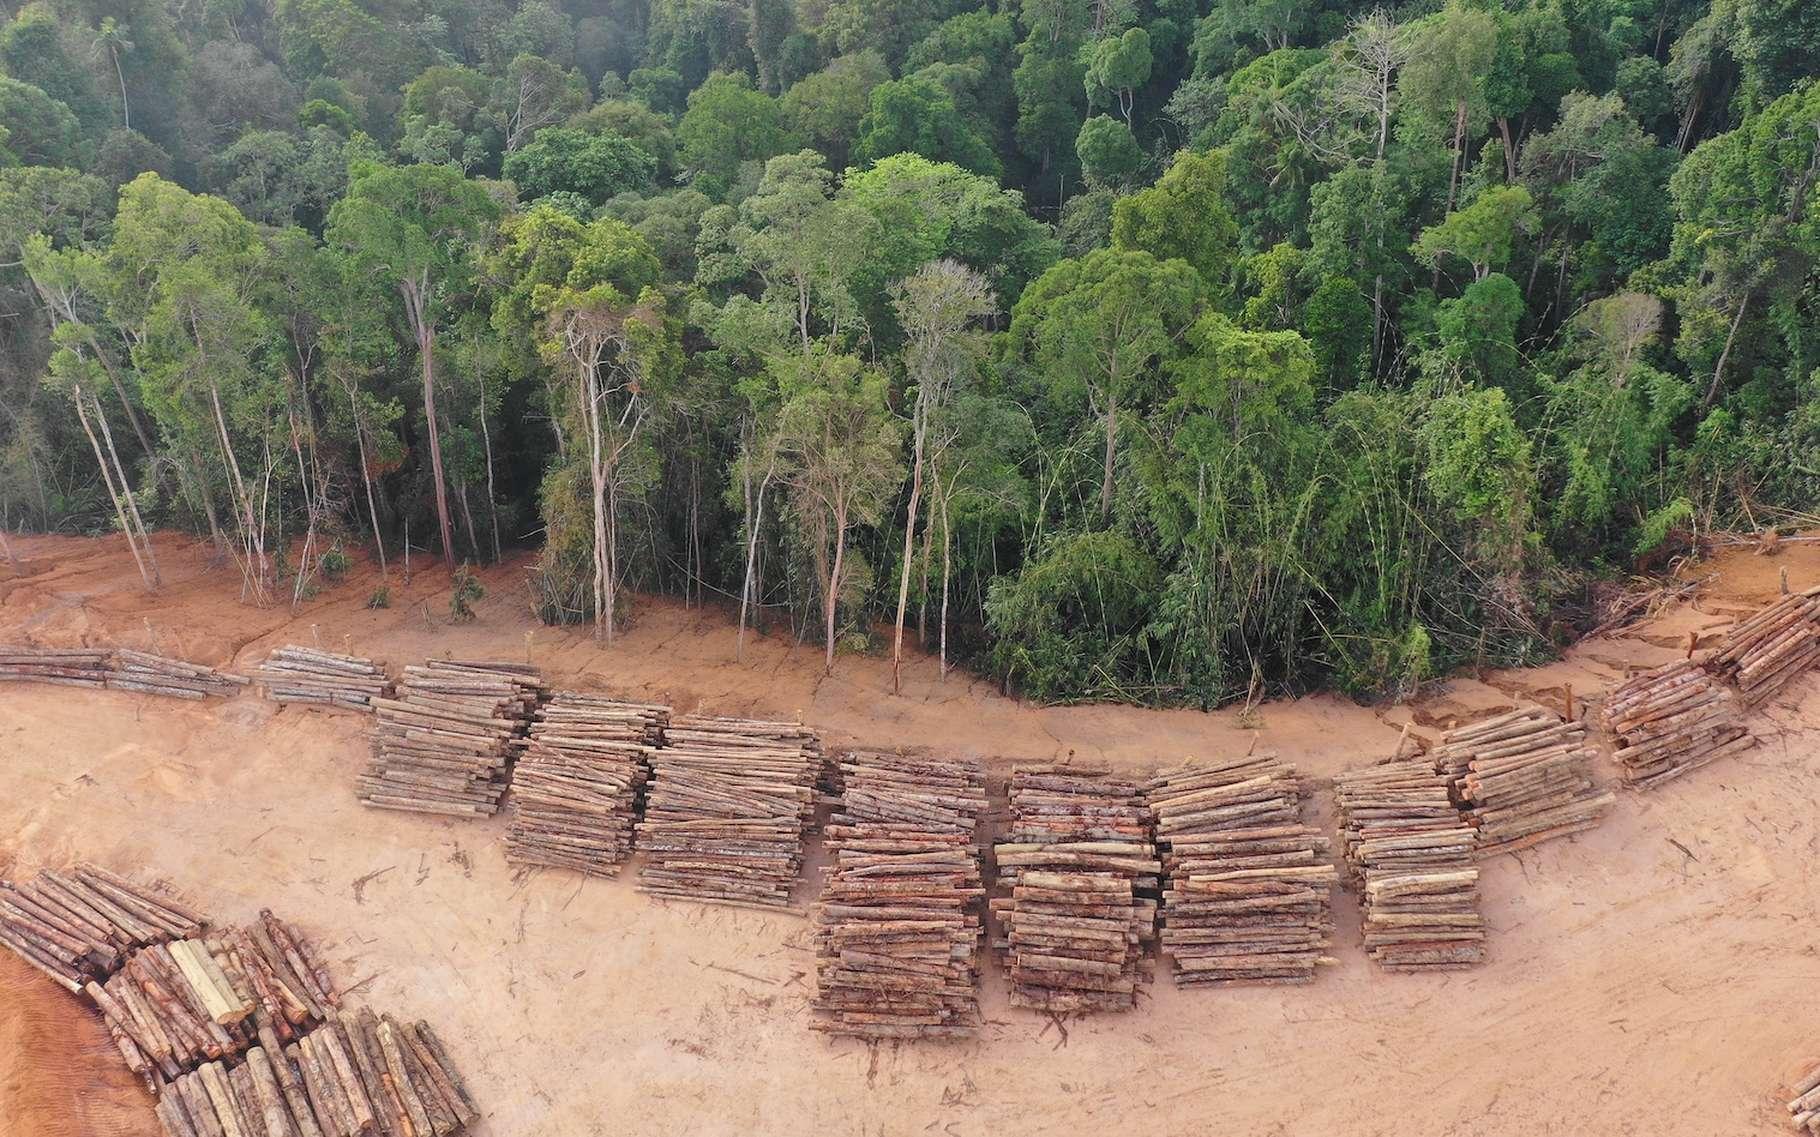 Les forêts vierges ont encore beaucoup reculé l'année dernière. En cause, la déforestation, mais aussi les incendies et d'autres évènements liés au changement climatique. © Richard Carey, Adobe Stock